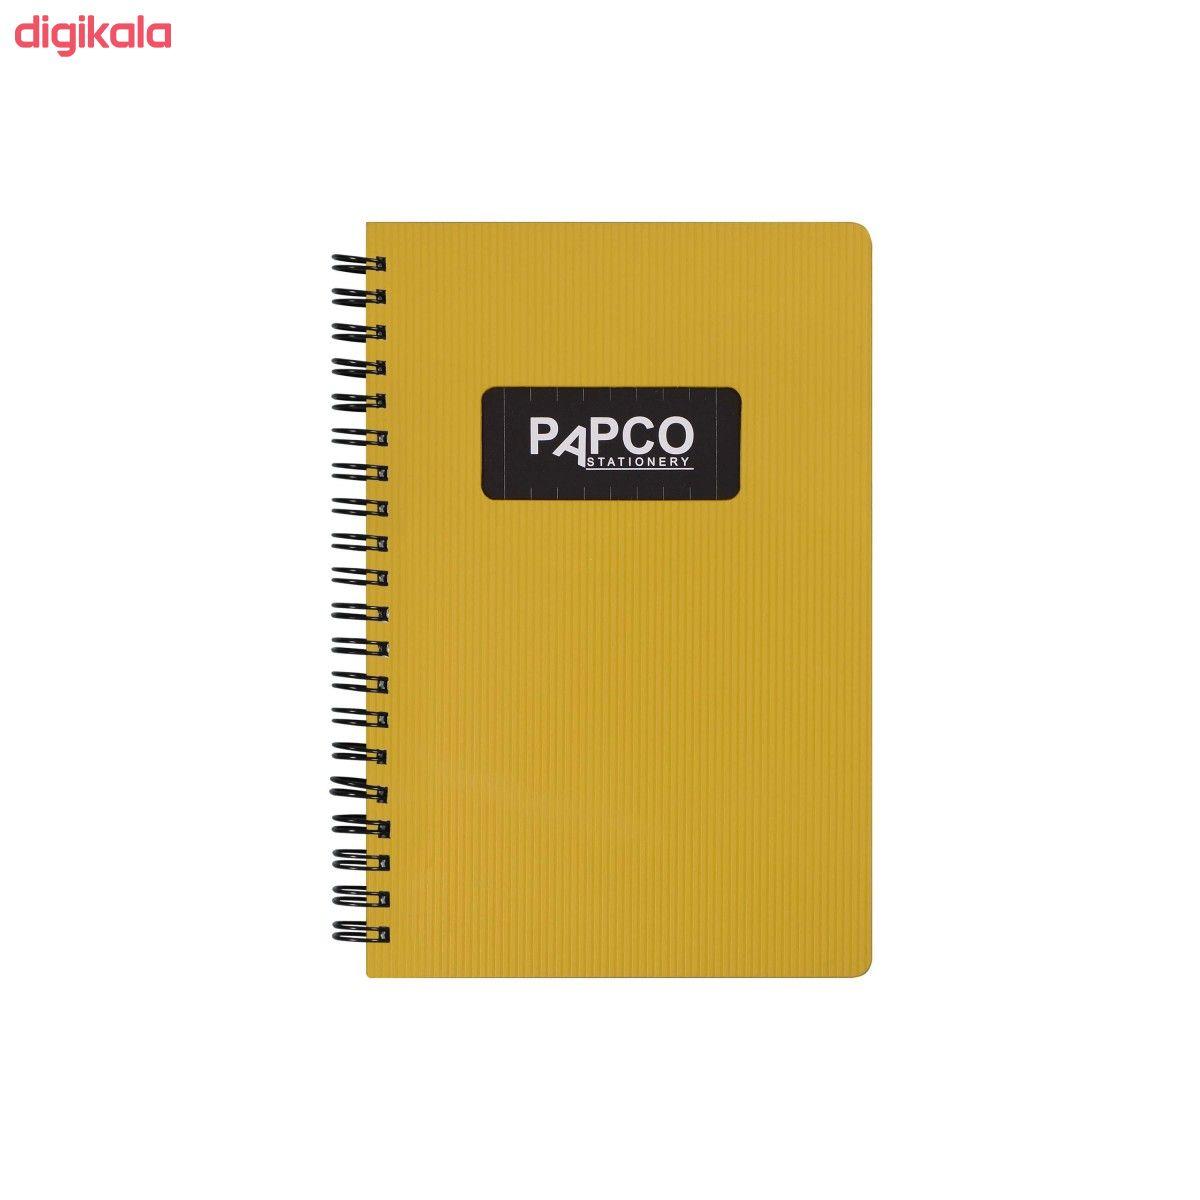 دفتر یادداشت زبان 100 برگ پاپکو مدل NB-643BC کد HT01 main 1 9